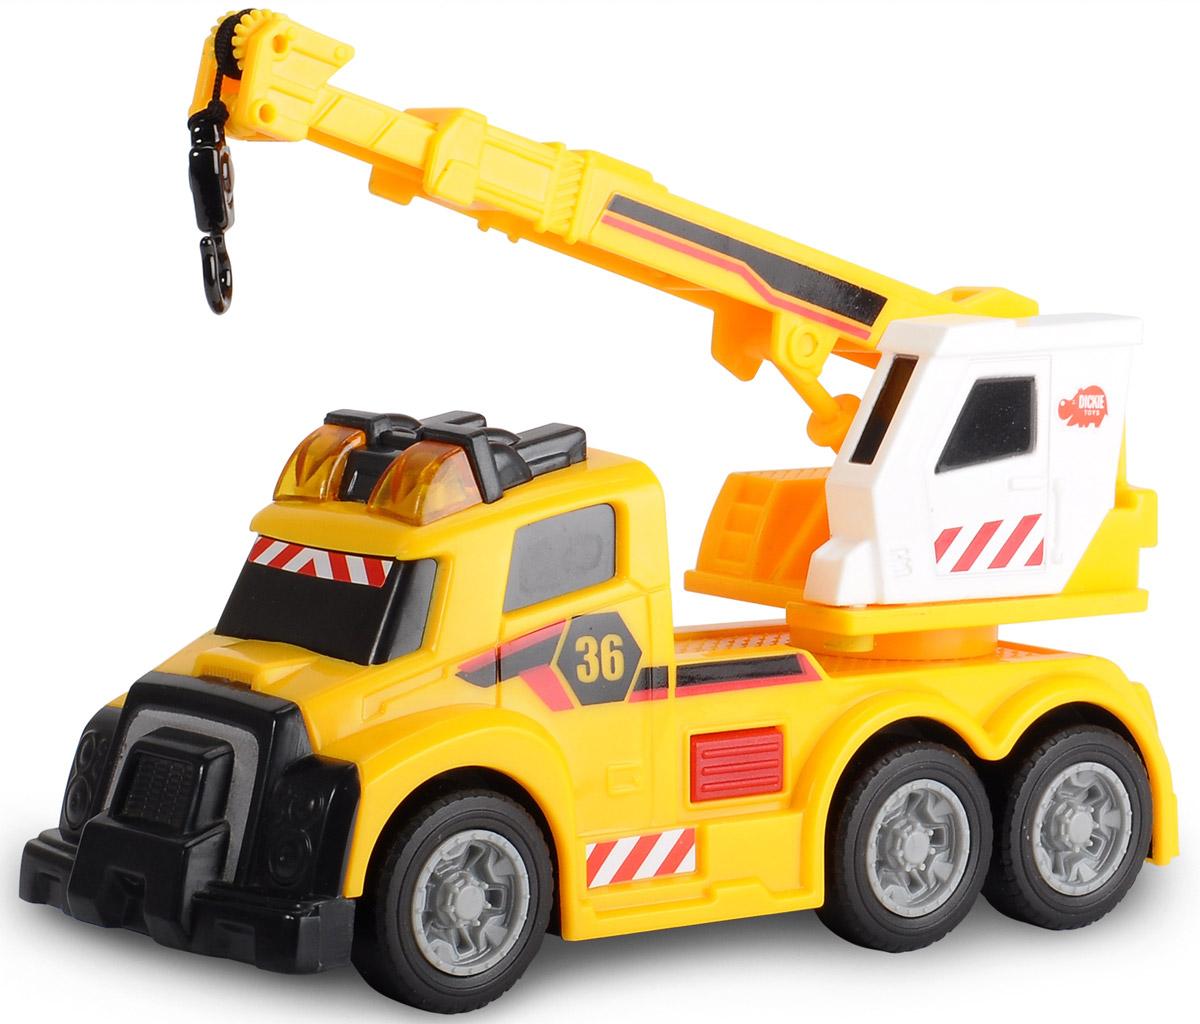 Dickie Toys Автокран цвет желтый3302006Автокран Dickie Toys - интересная машина для ребенка, который увлекается игровой спецтехникой. Машина имеет свободный ход движения, поворотную башню крана. При нажатии на красную кнопку, расположенную рядом с кабиной водителя, стрела крана начинает подниматься-опускаться и выдвигаться. Лебедка управляется вручную. Все это сопровождается световыми и звуковыми эффектами, что придает игре большую реалистичность. Рекомендуется докупить 3 батарейки напряжением 1,5V типа LR41 (товар комплектуется демонстрационными).